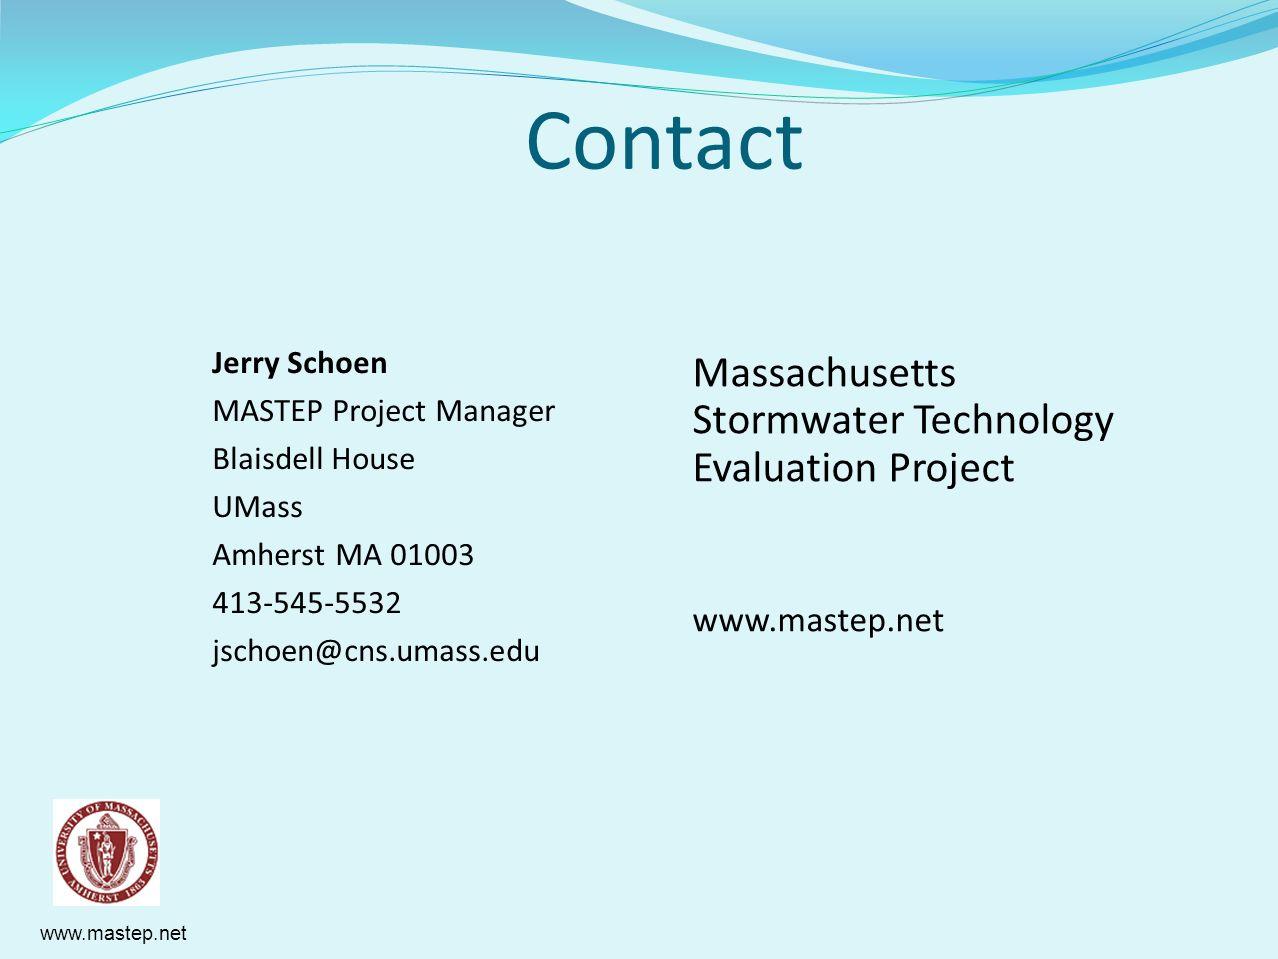 www.mastep.net Contact Jerry Schoen MASTEP Project Manager Blaisdell House UMass Amherst MA 01003 413-545-5532 jschoen@cns.umass.edu Massachusetts Sto